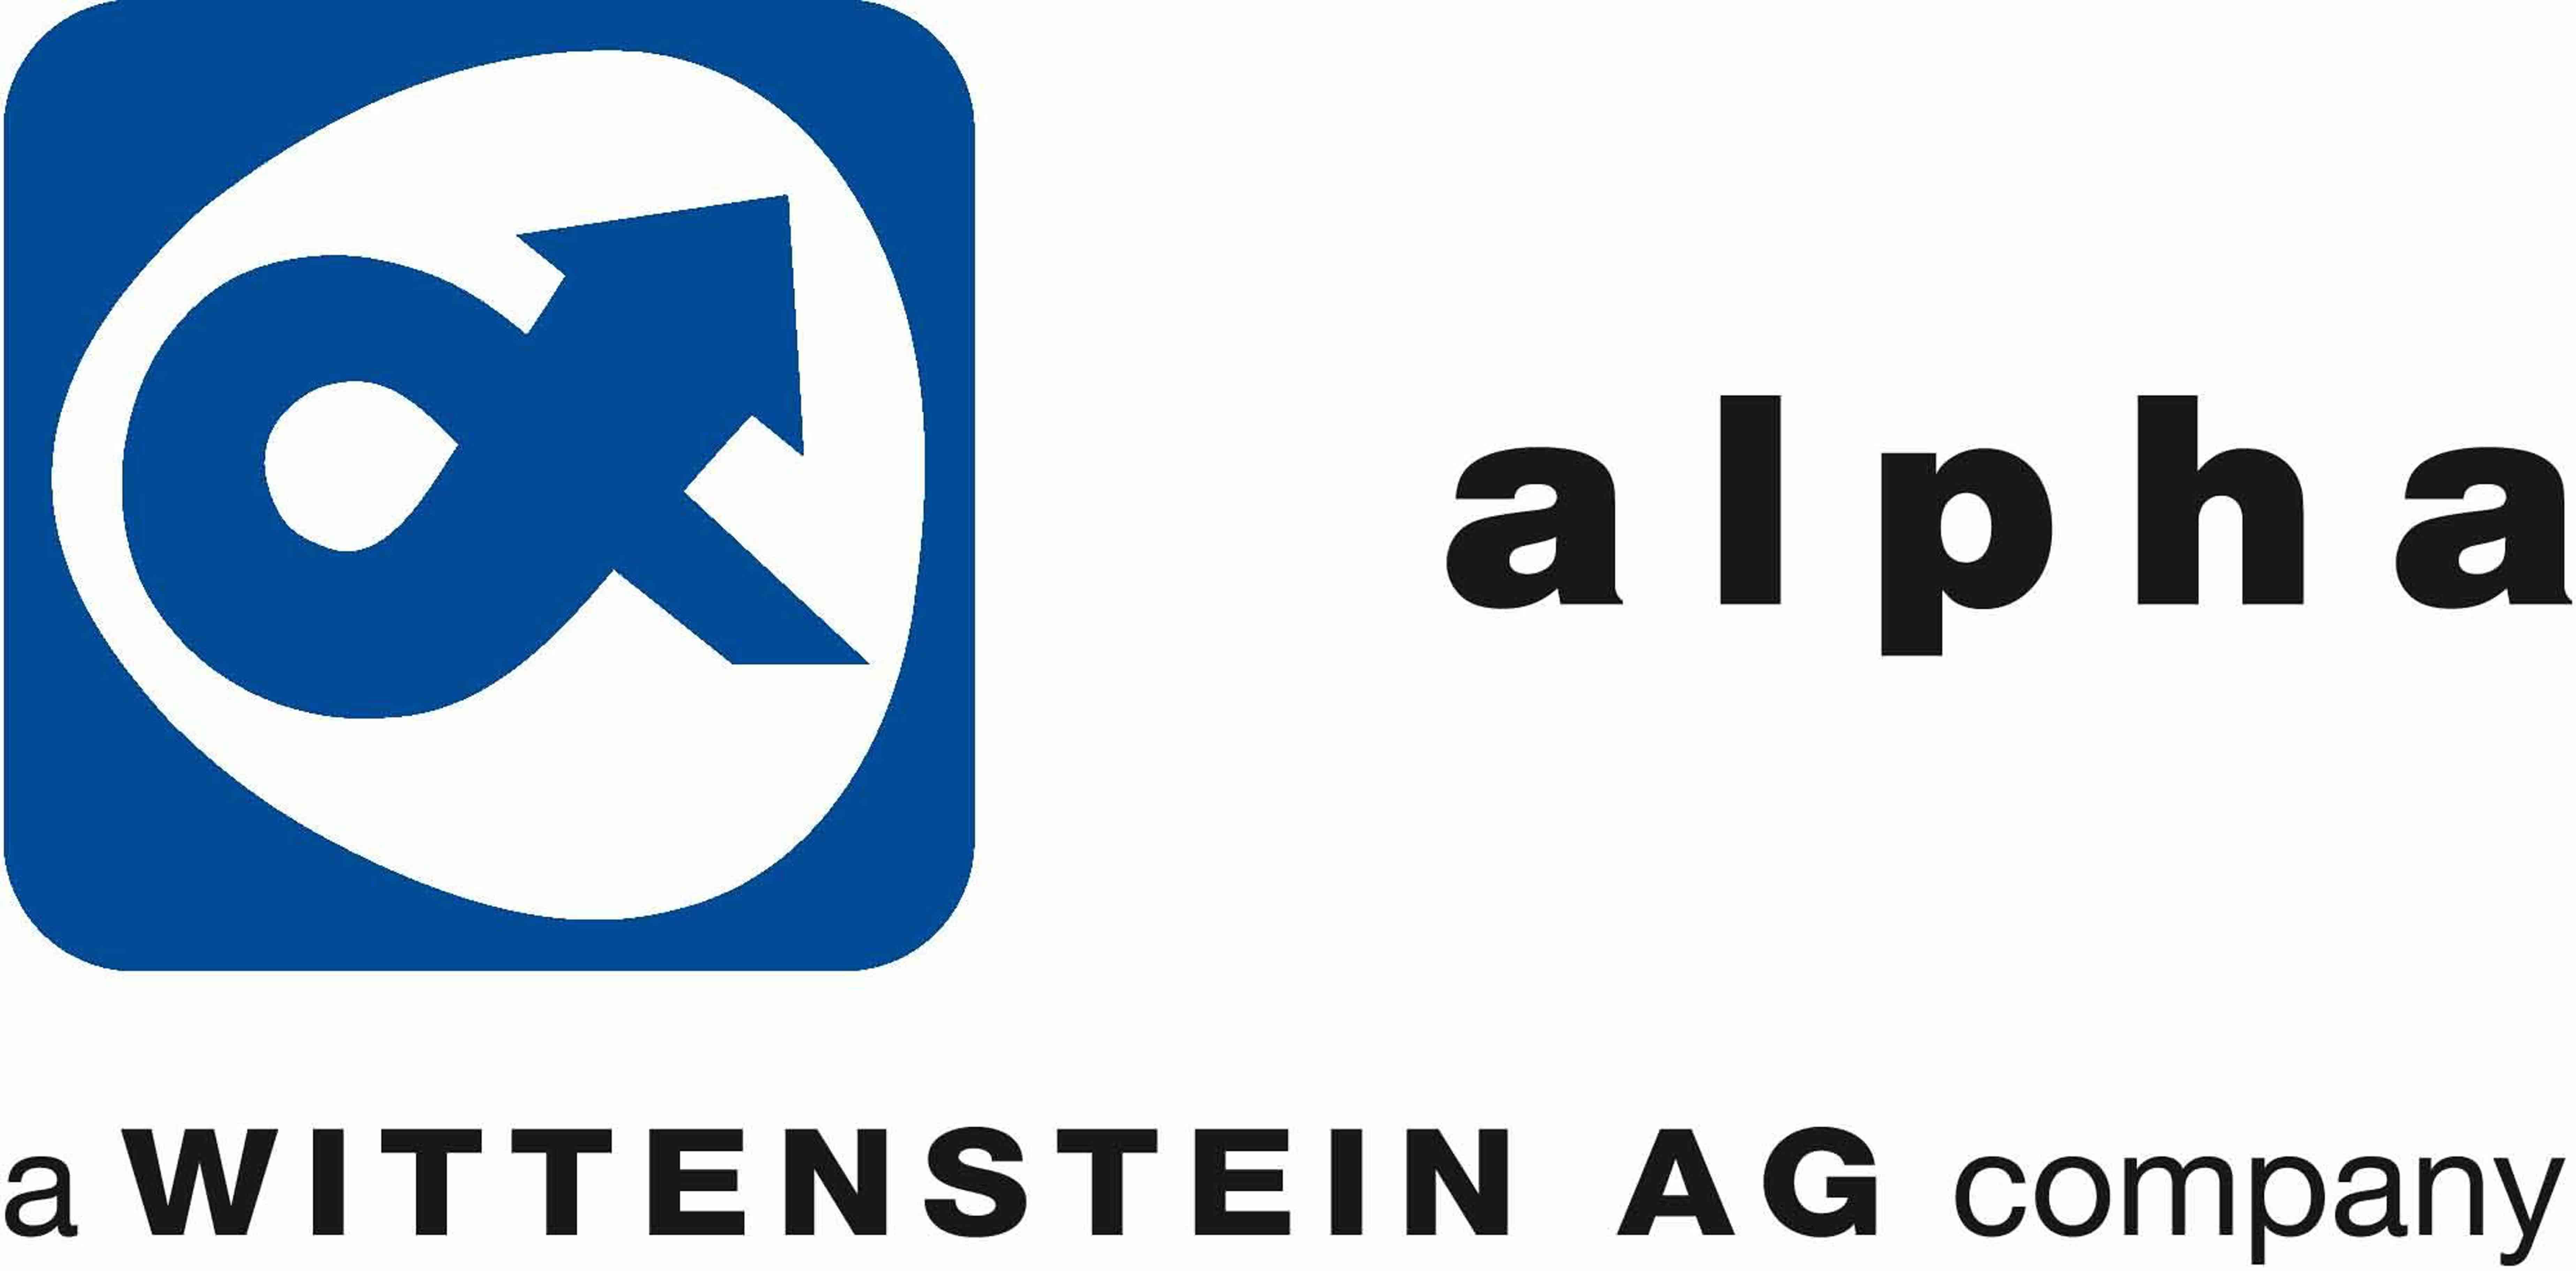 WITTENSTEIN, Inc.